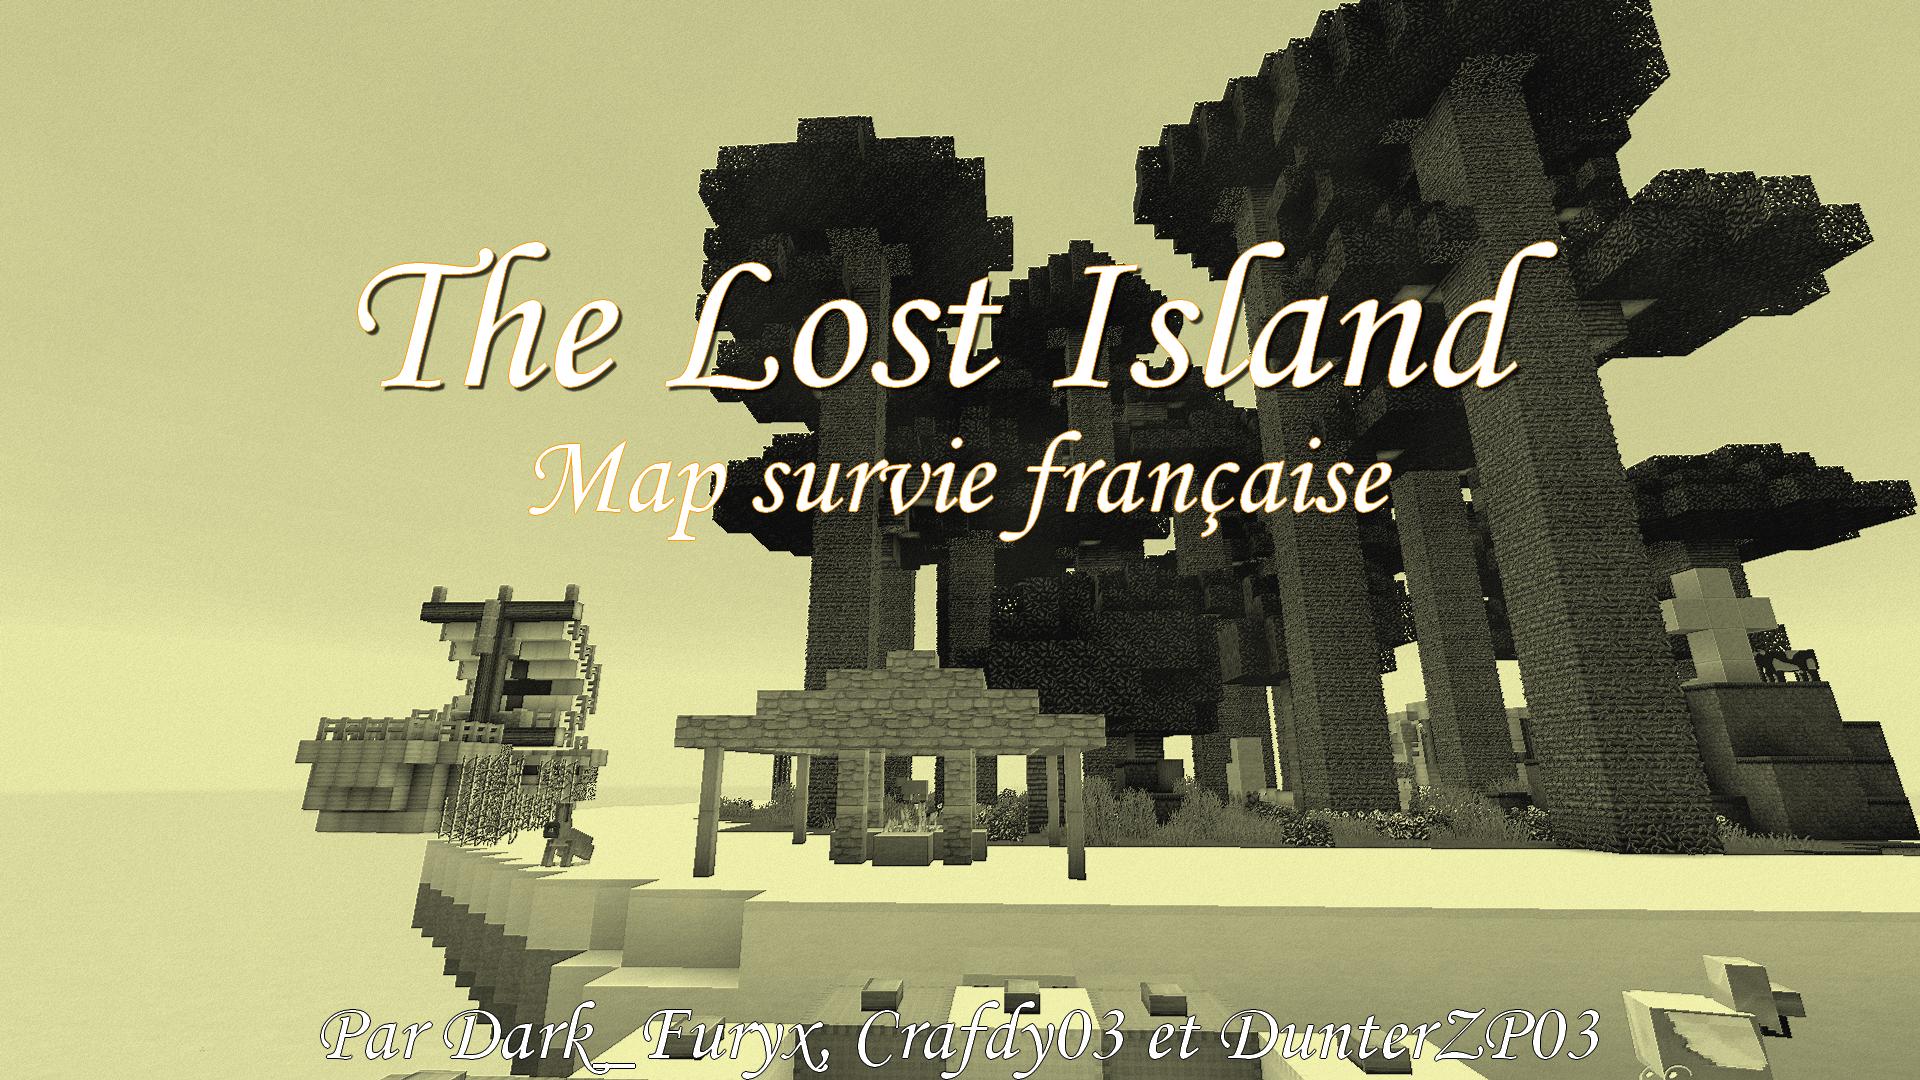 minecraft map survie française the lost island